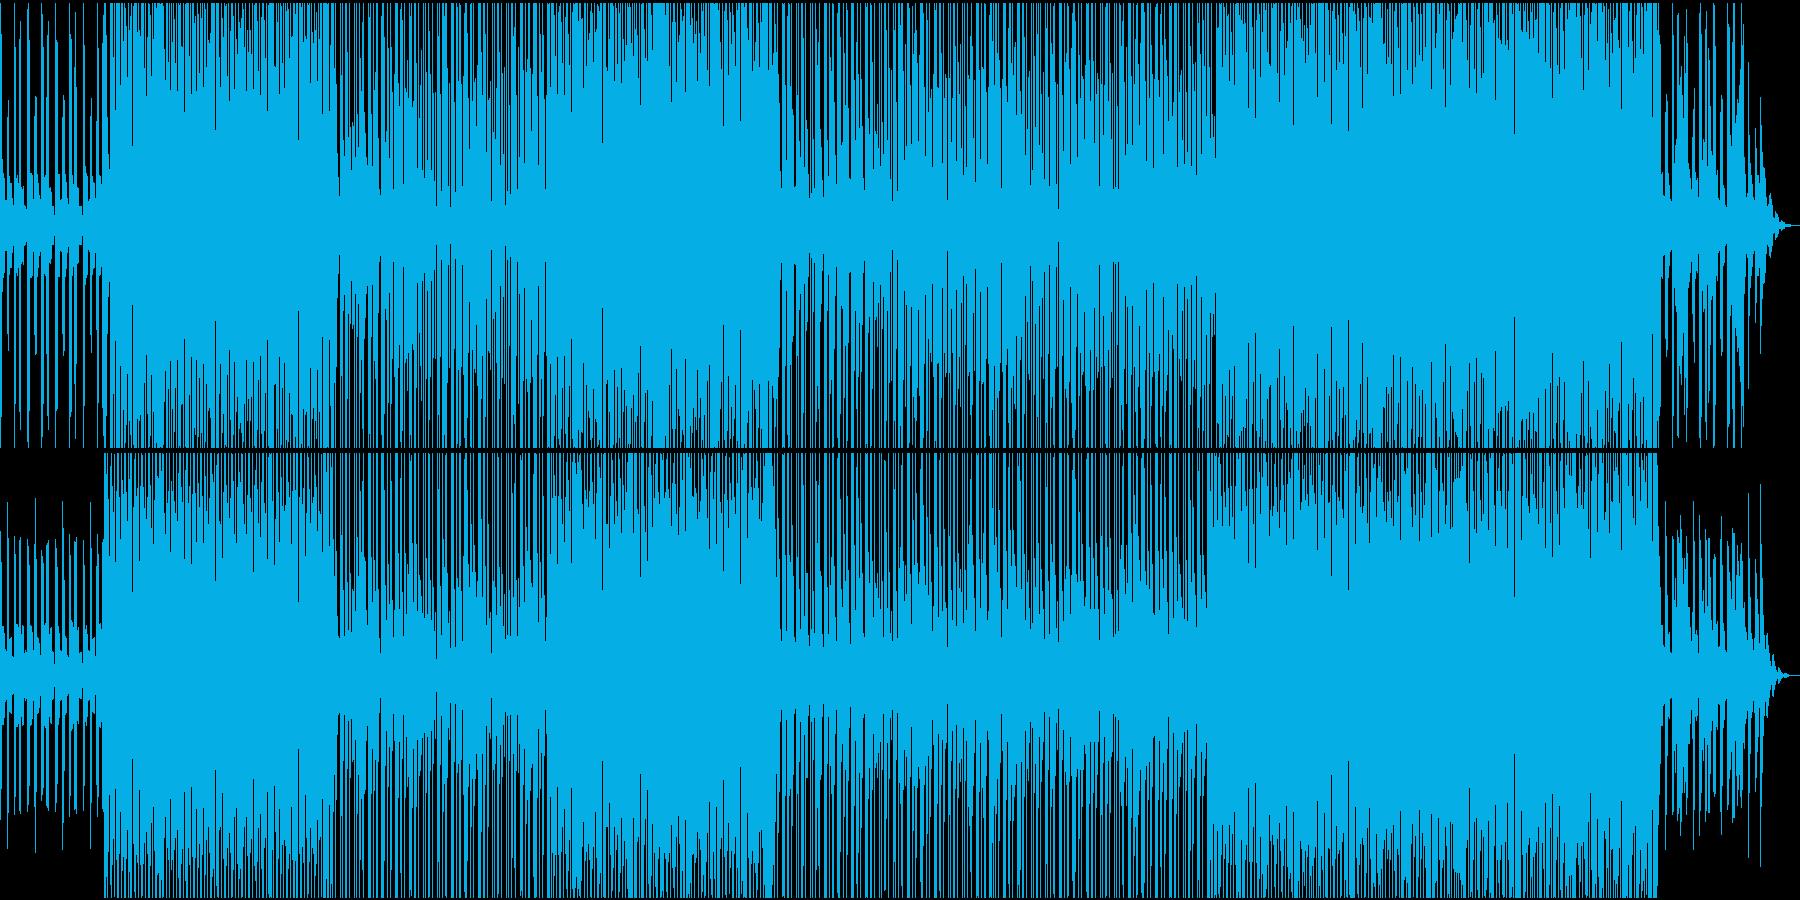 デジタルなシンセウェーブの再生済みの波形